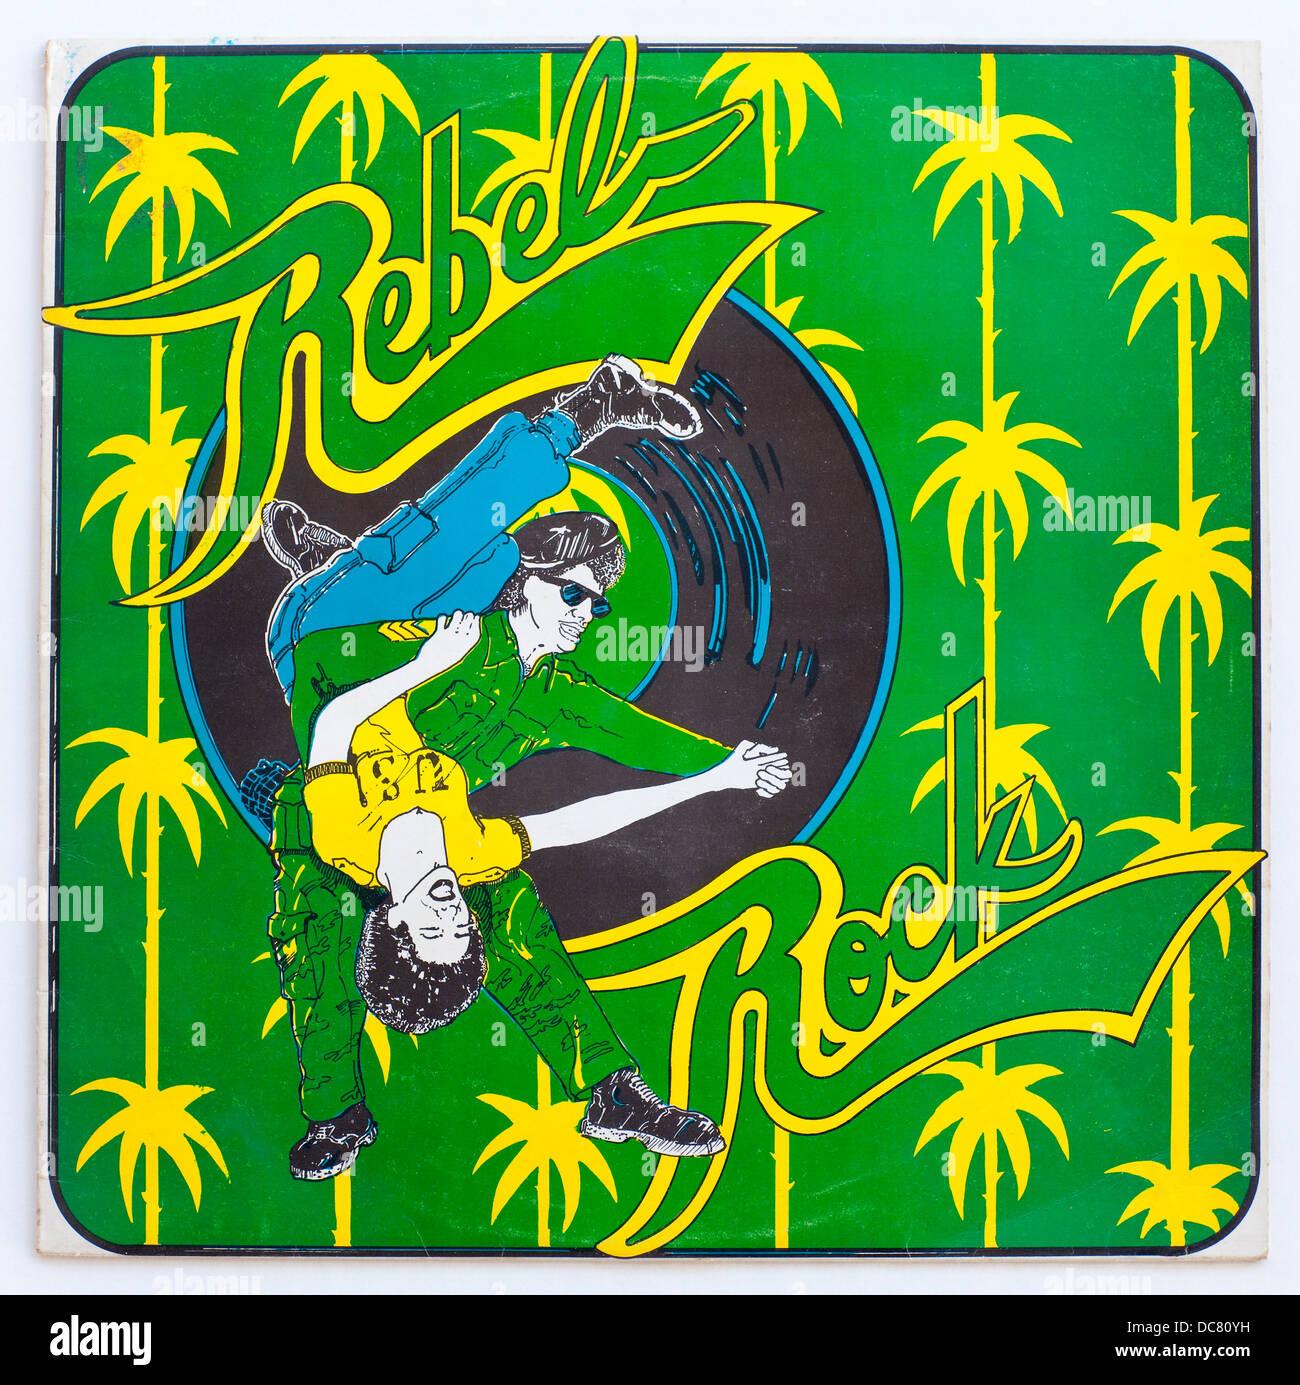 Terzo mondo tutte le grandi star - Rock ribelle, 1975 album sul terzo record mondiale Immagini Stock